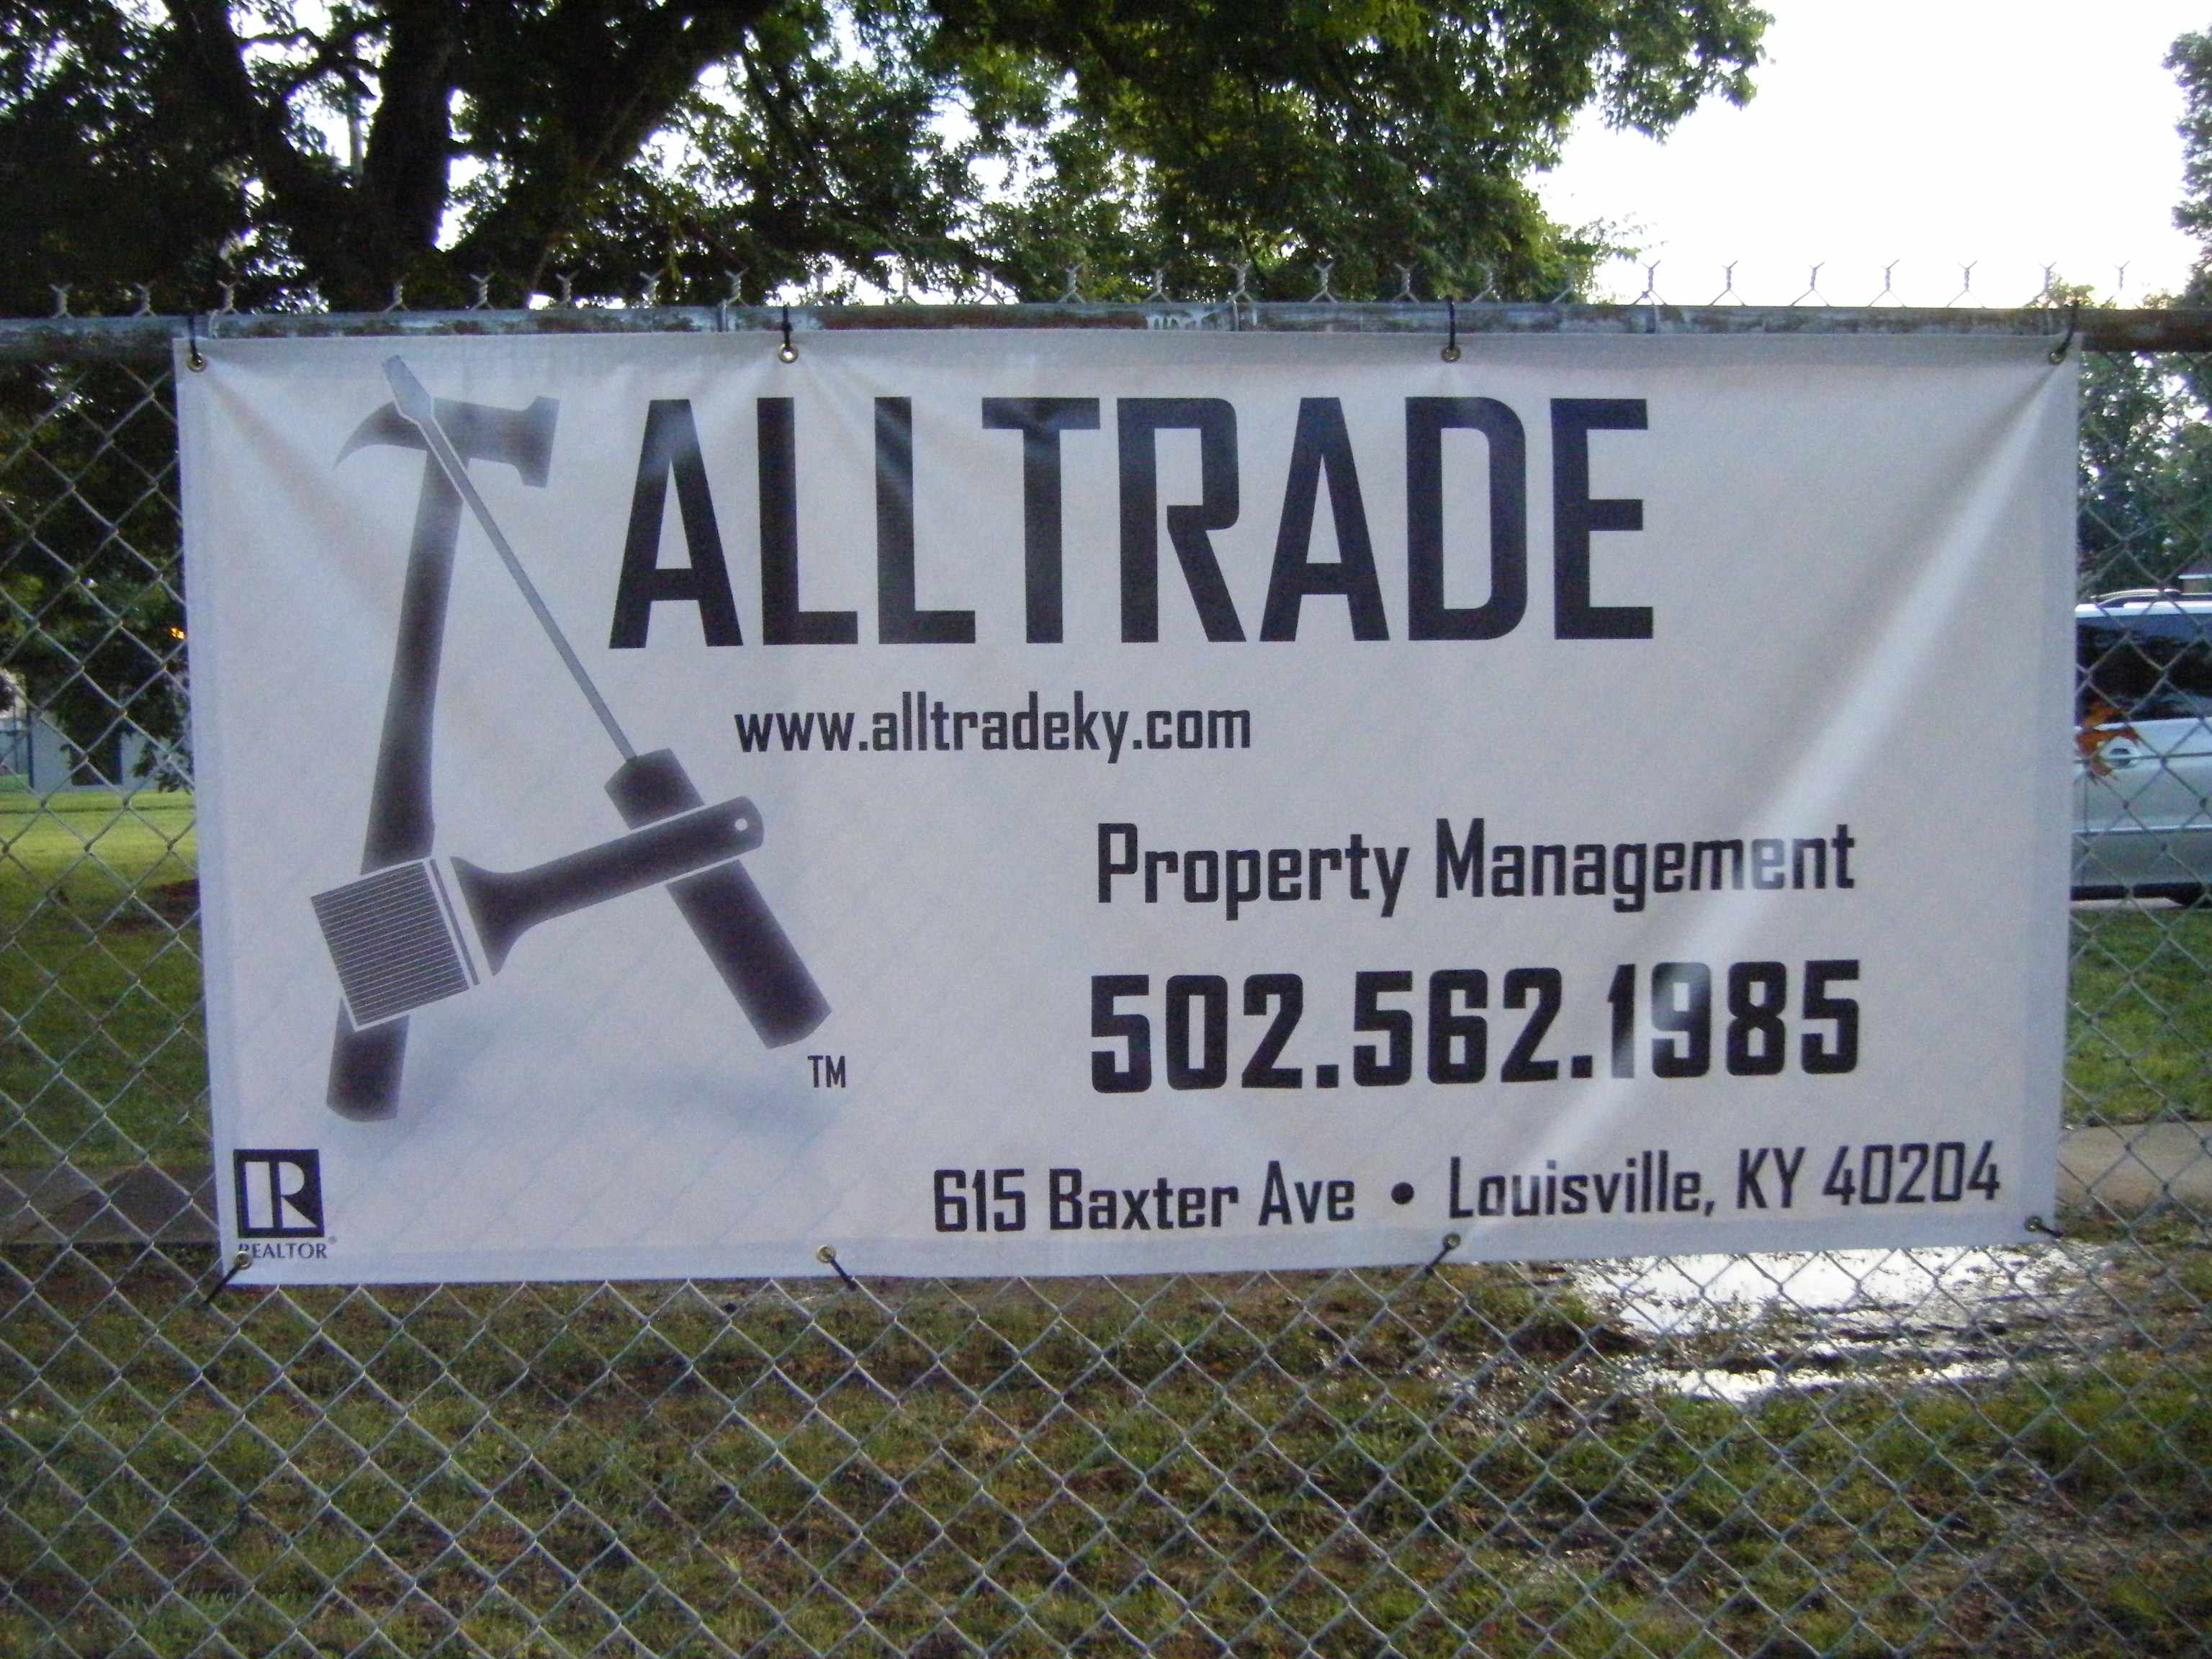 Alltrade banner